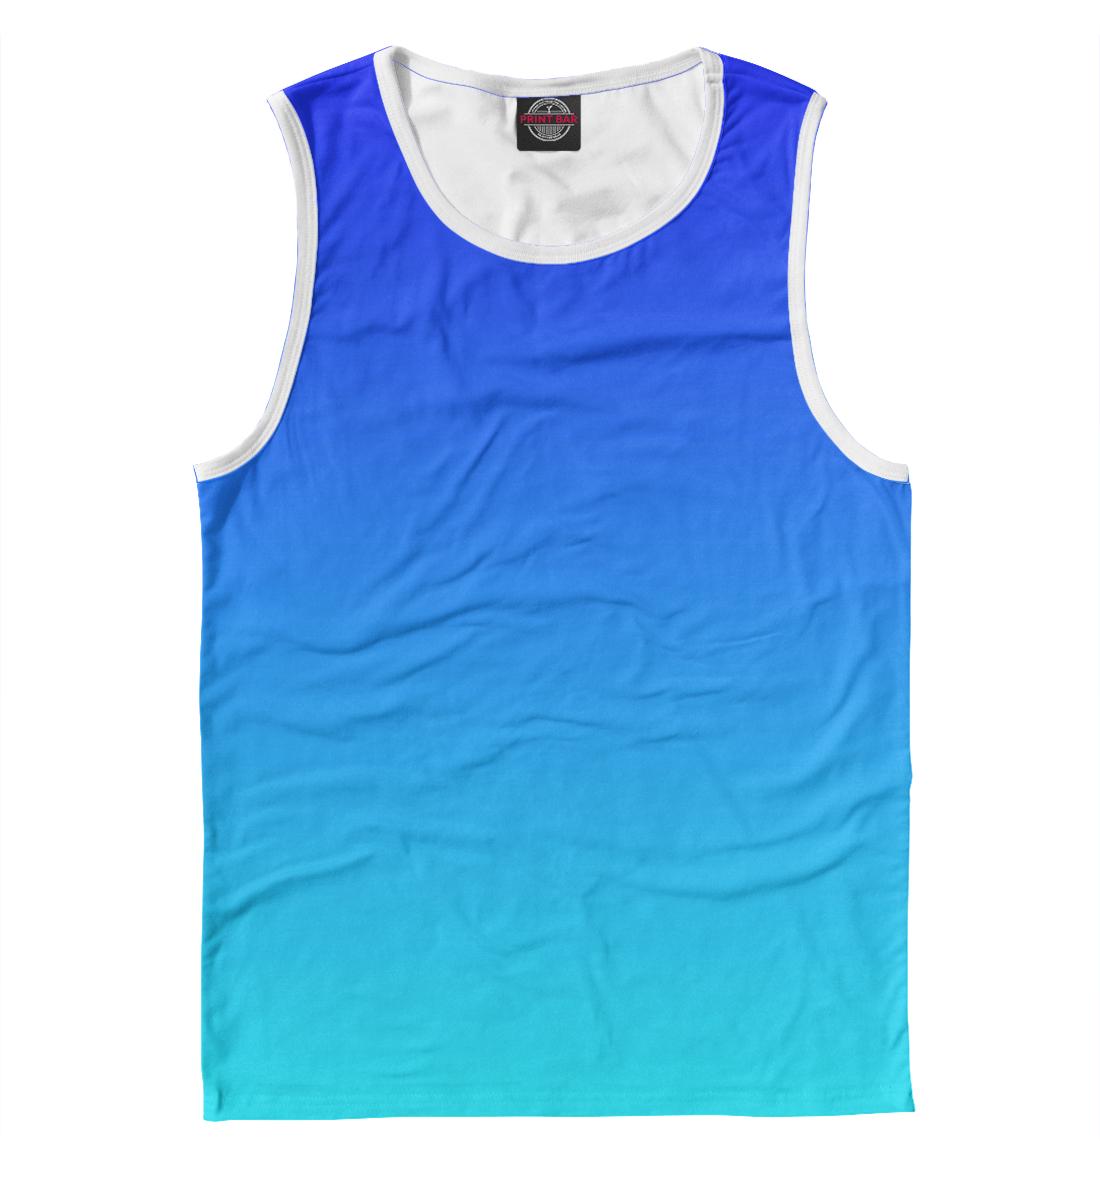 Купить Градиент: Синий в Голубой, Printbar, Майки, CLR-742572-may-2